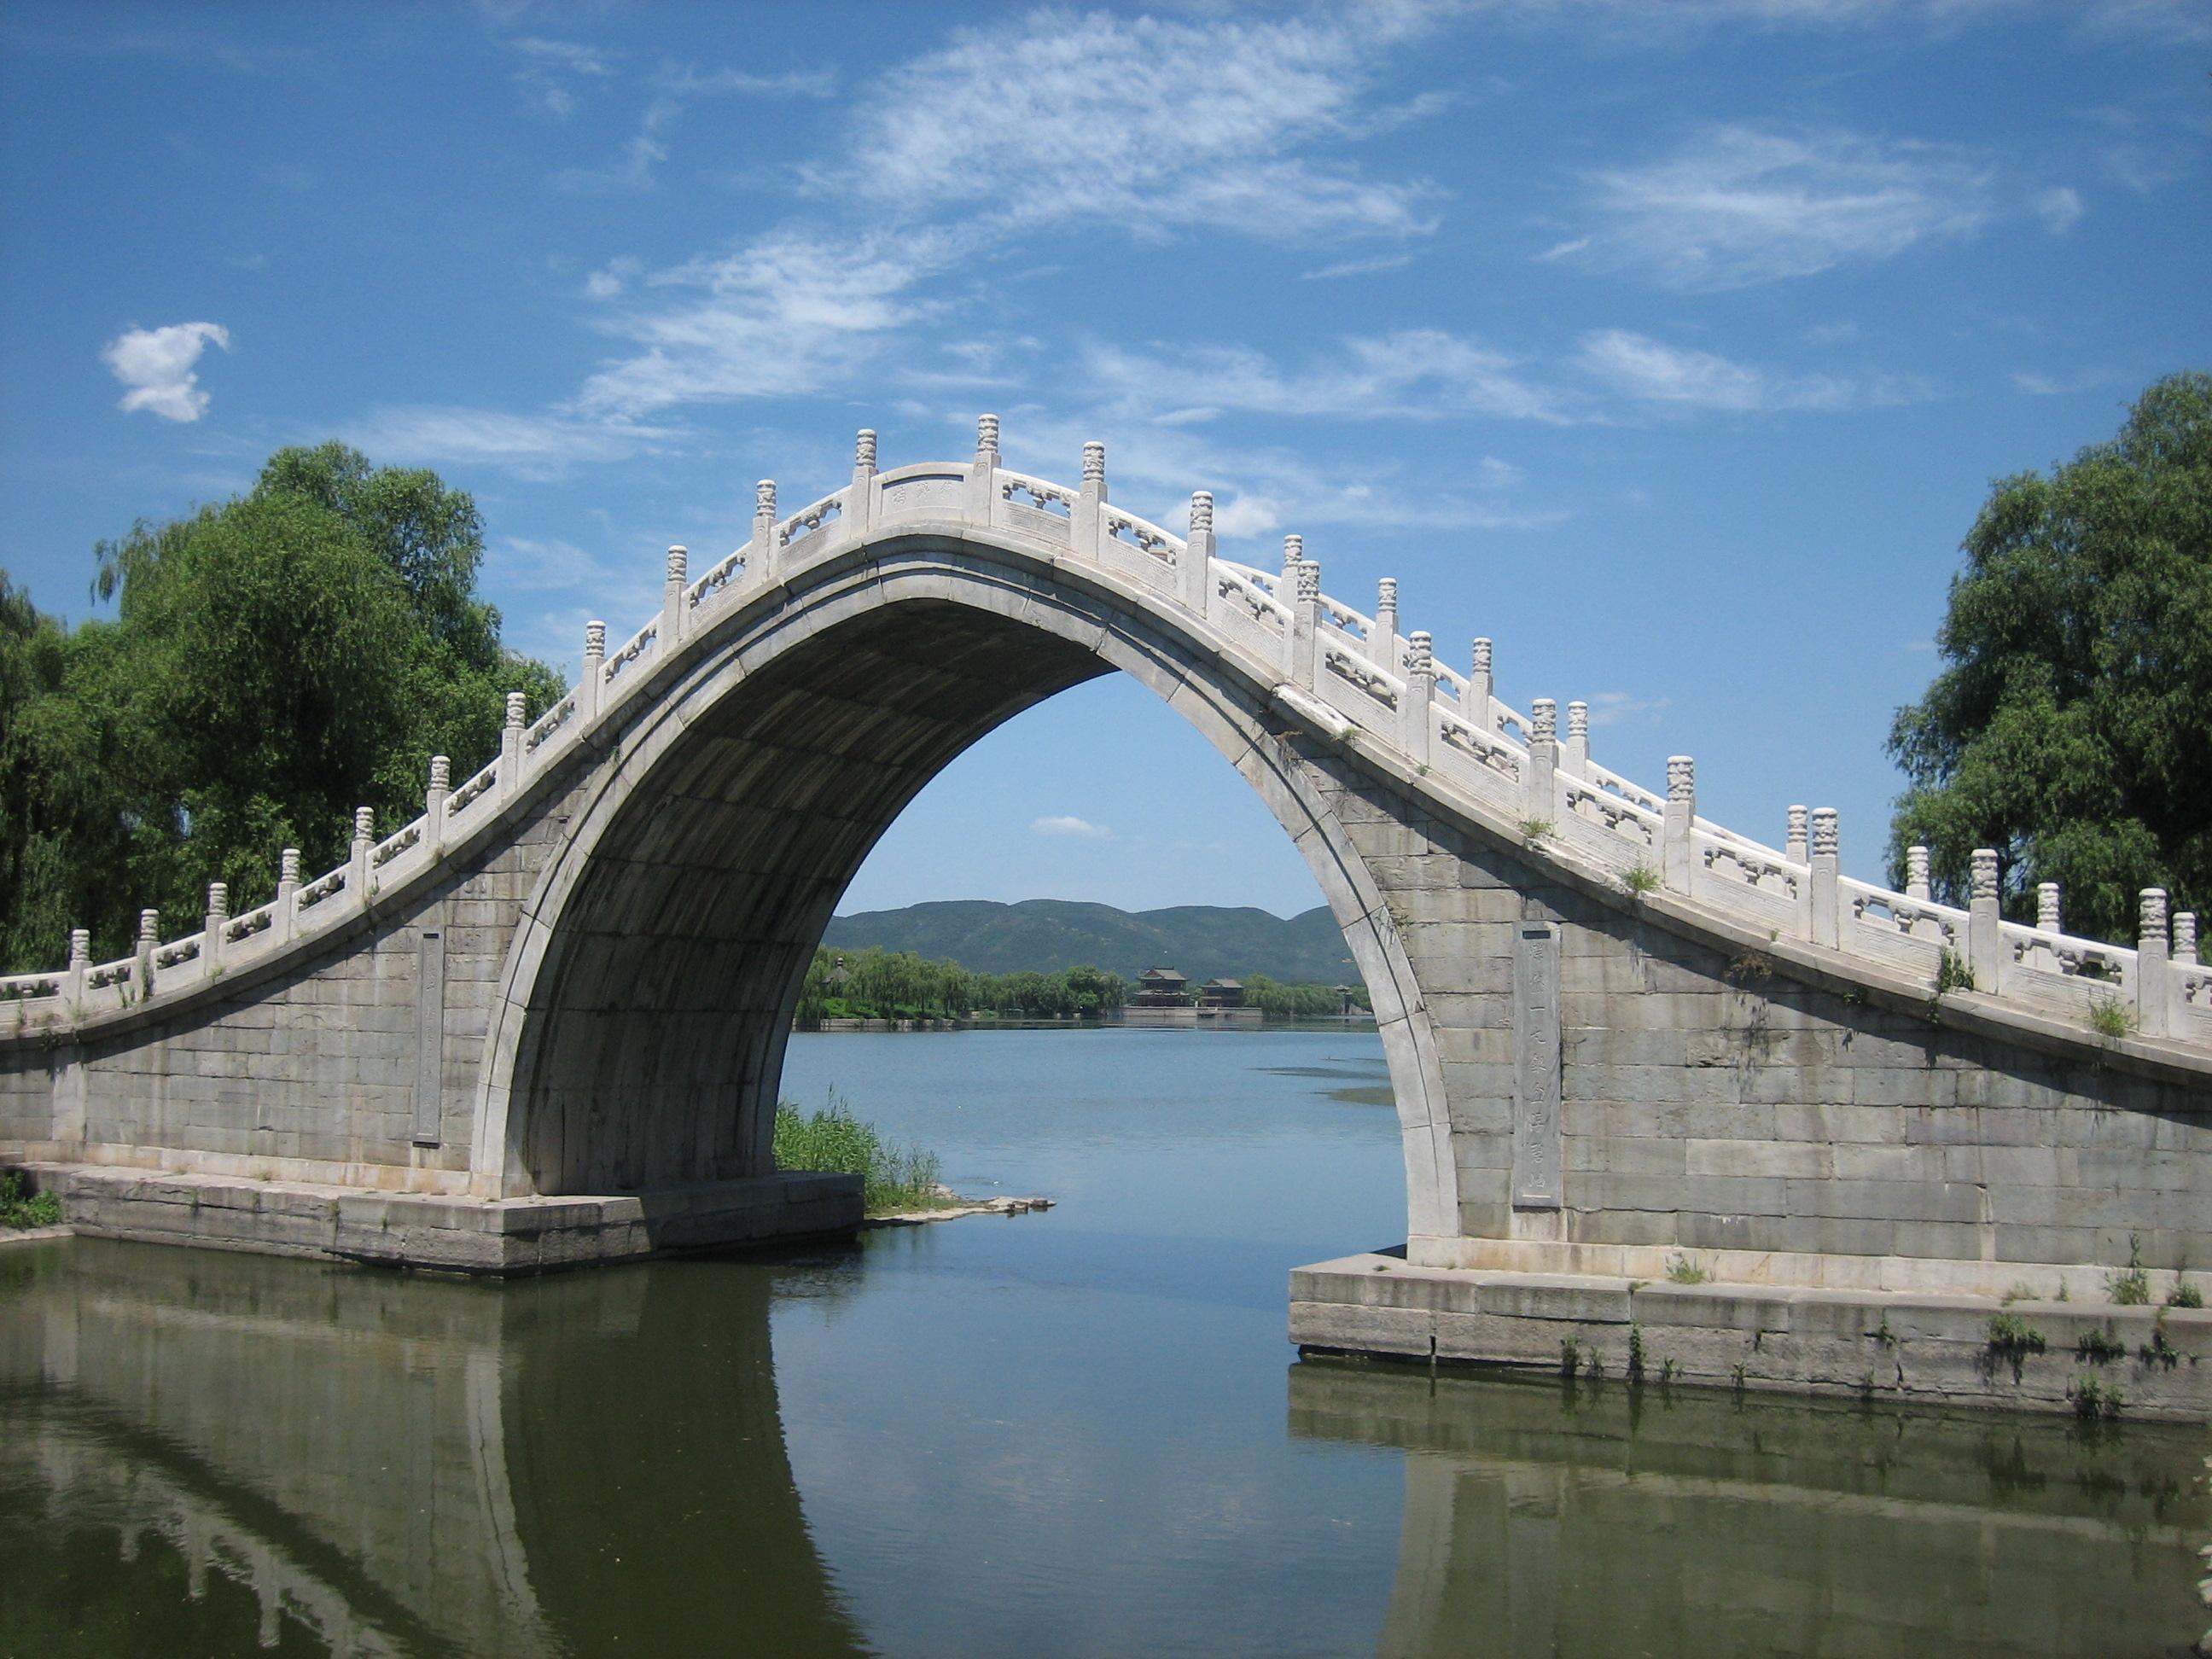 Bridge Backgrounds on Wallpapers Vista